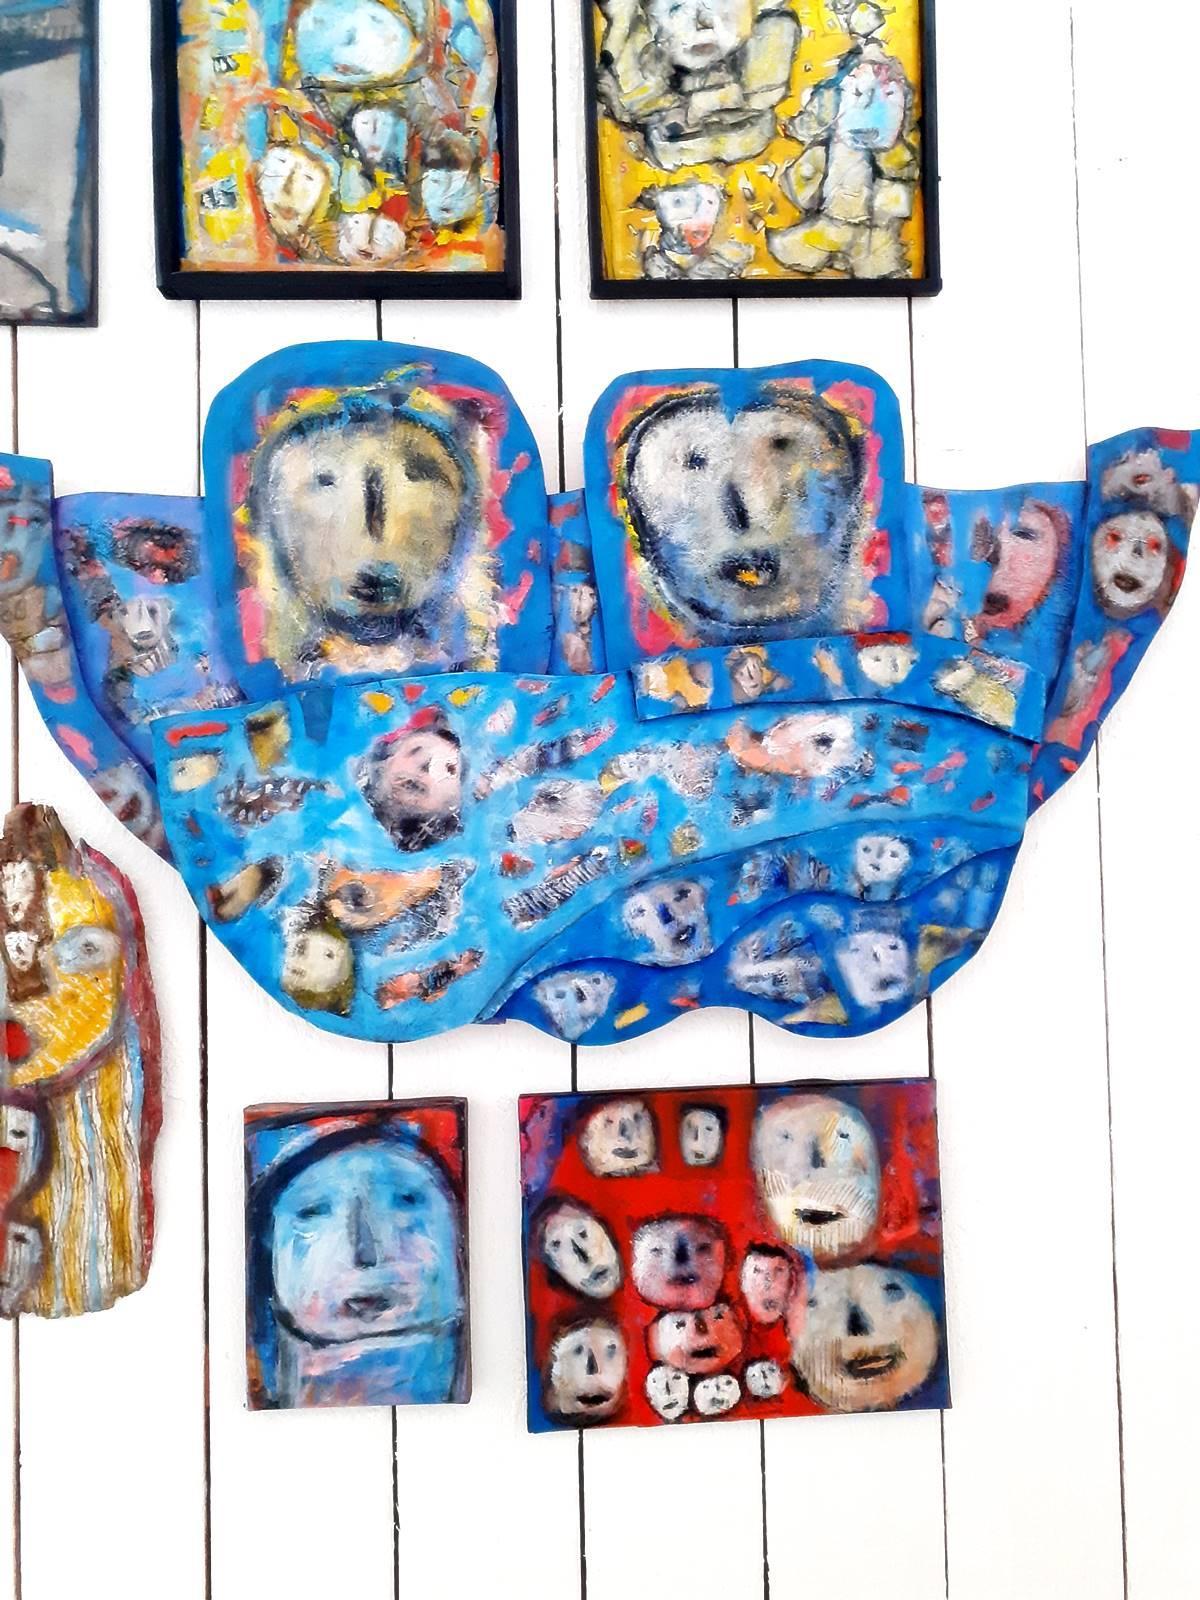 Hang art saffre loire atlantique musee20200613 131158